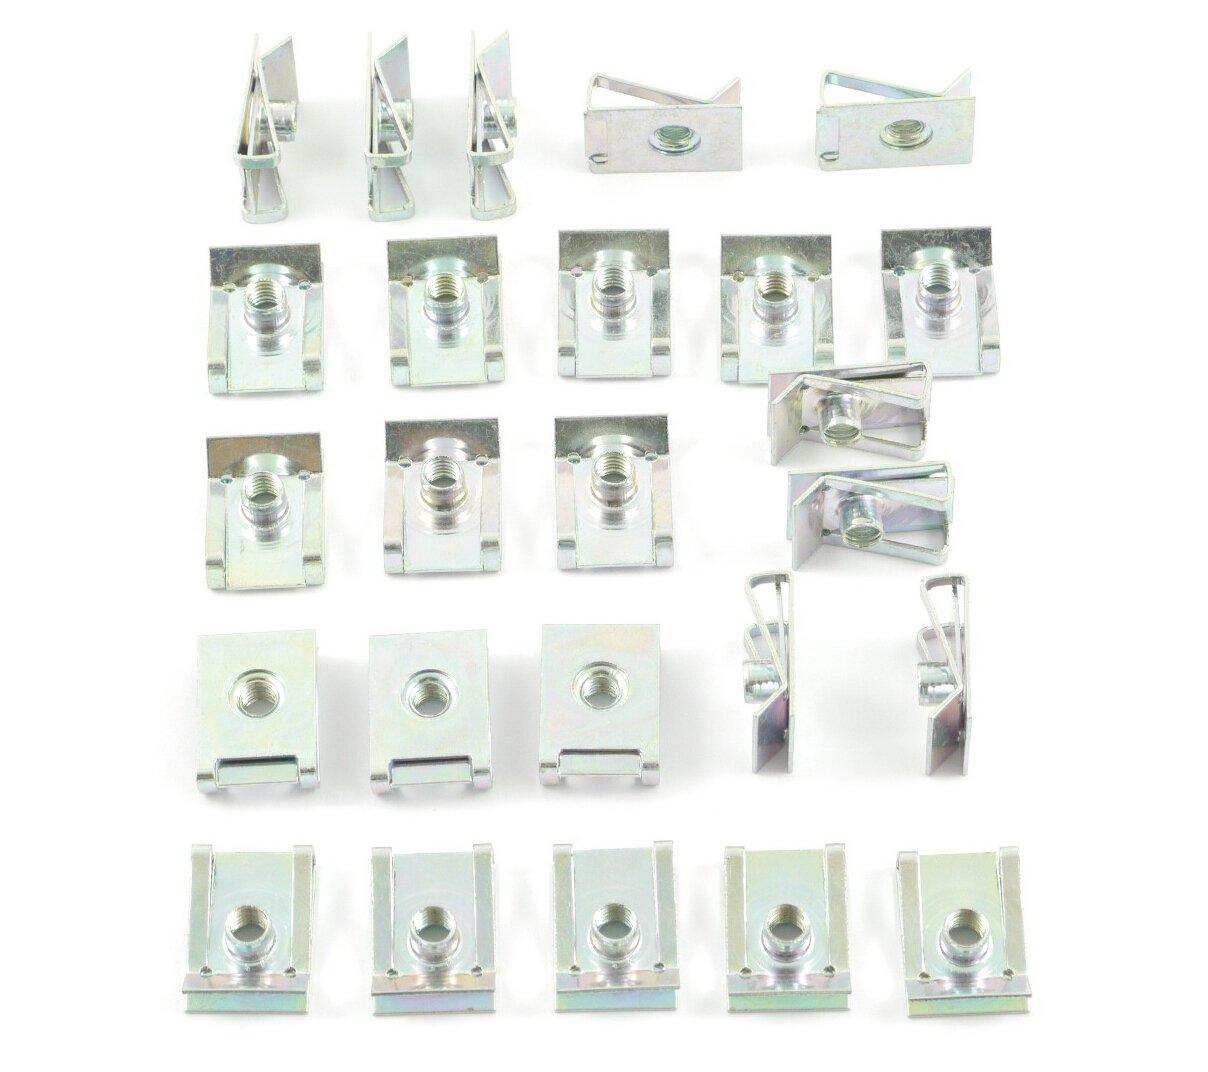 Tech-Parts-Koeln 25 Blechmutter Verkleidungsclips / Clip Schnappmutter - M5 Metrische Gewinde